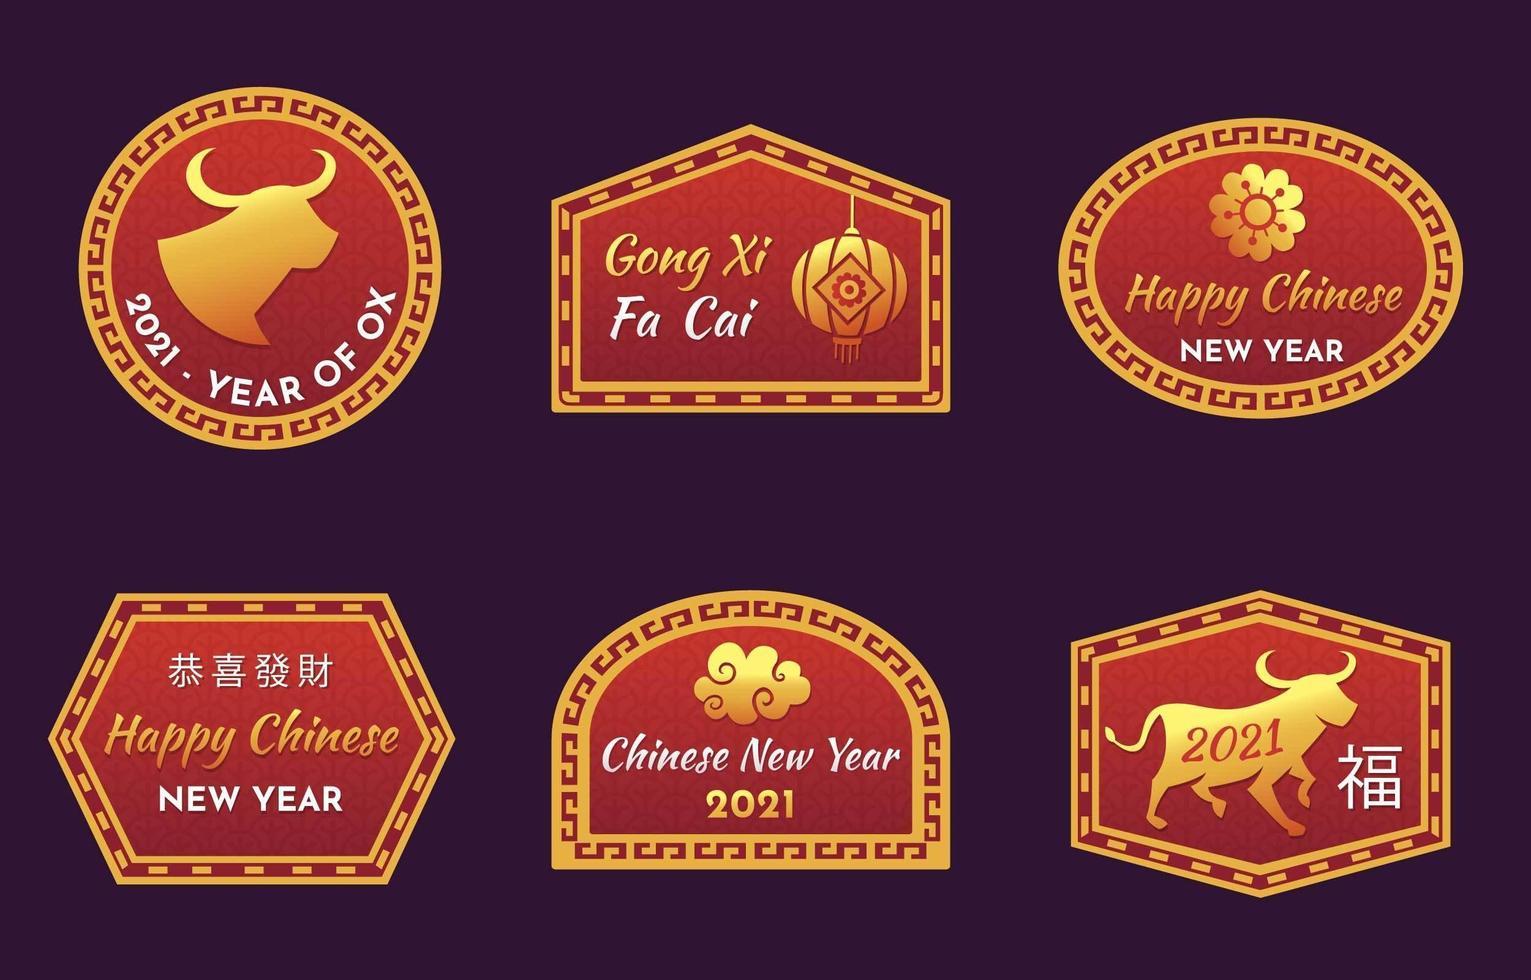 étiquettes du nouvel an chinois 2021 vecteur